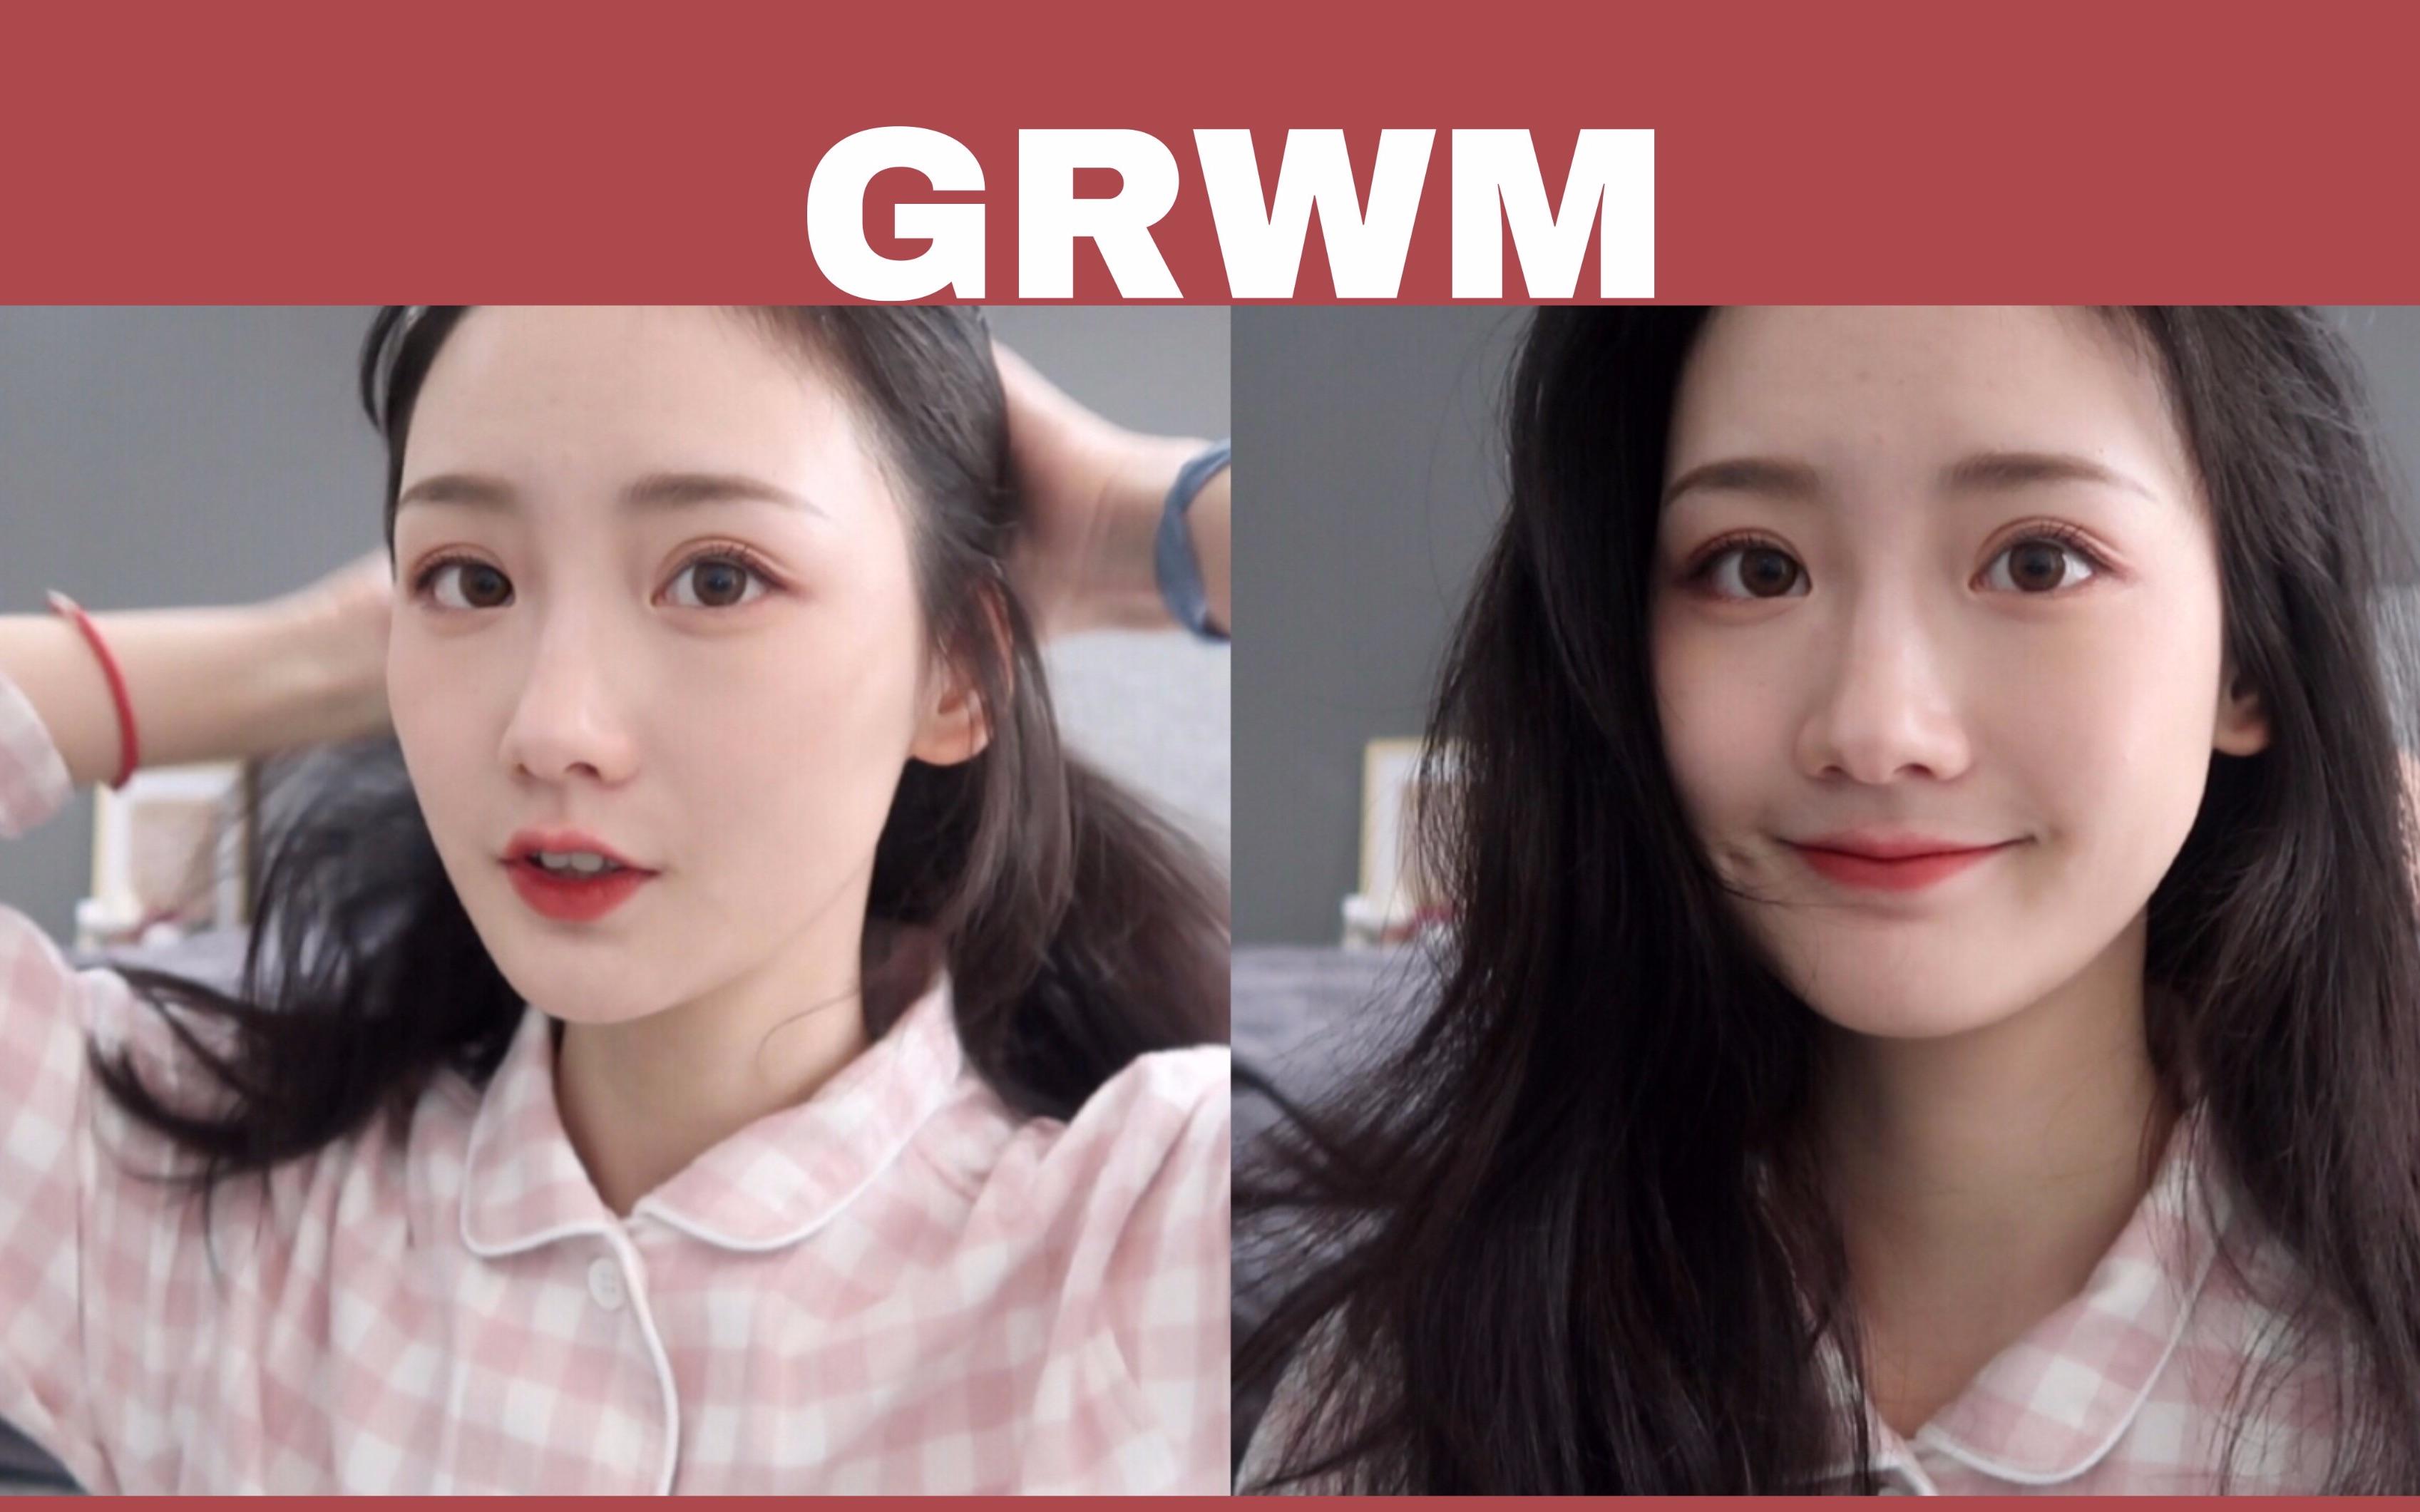 GRWM | 用新买的彩妆化日常妆容